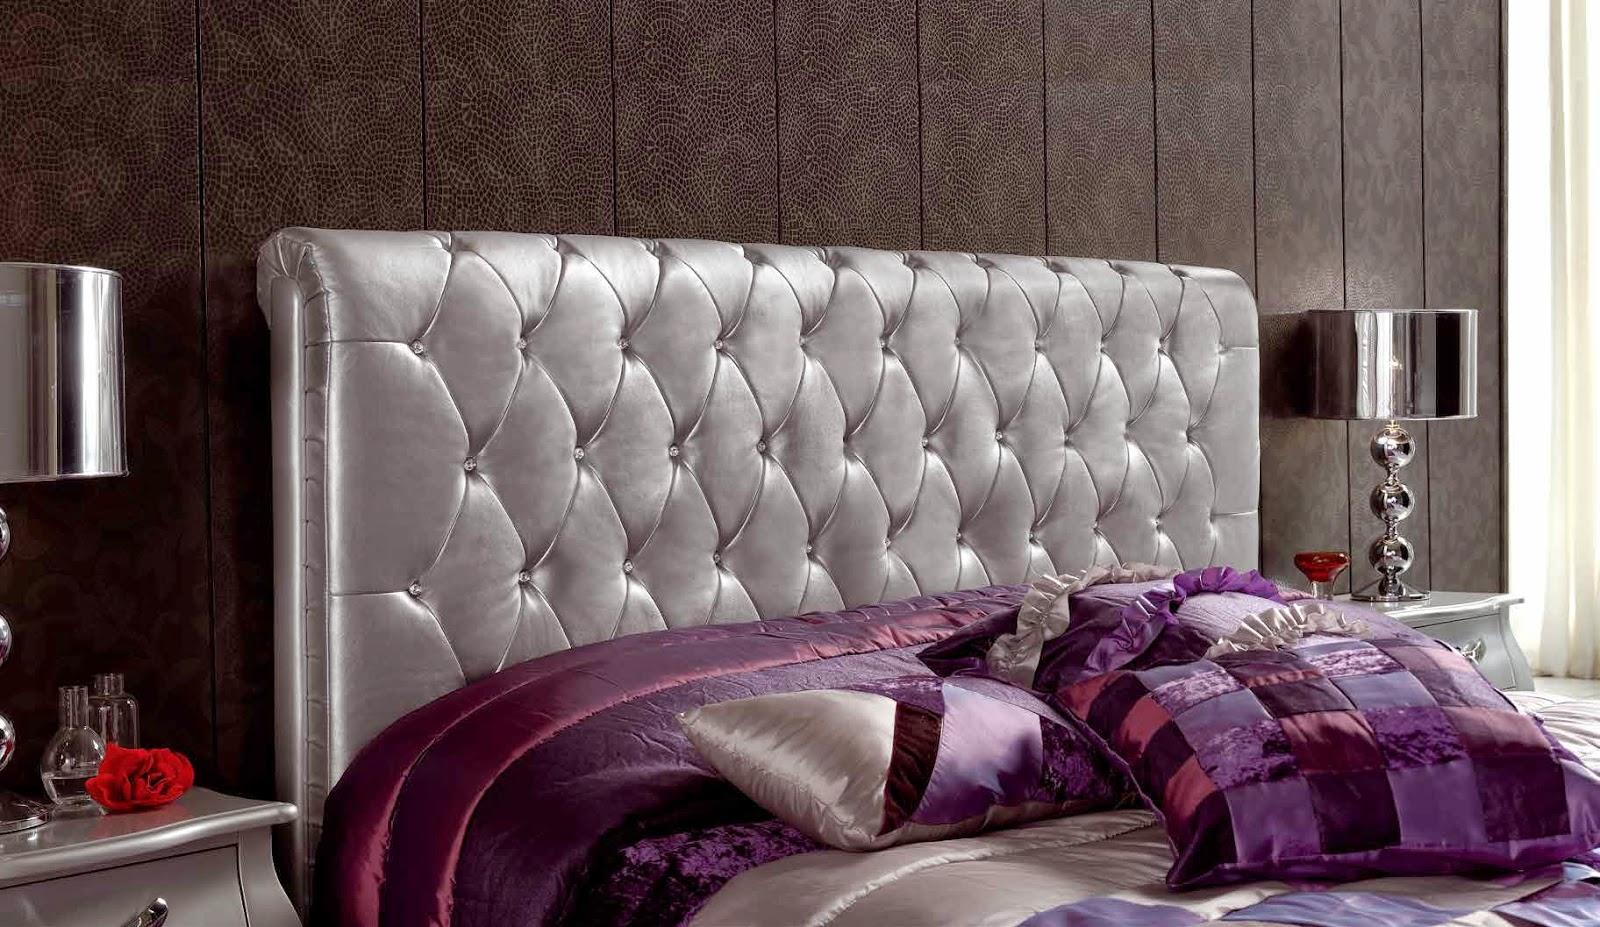 Cabeceros de cama originales tapizados perfect interesting de fotos de cabeceros de cama - Cabeceros plateados ...